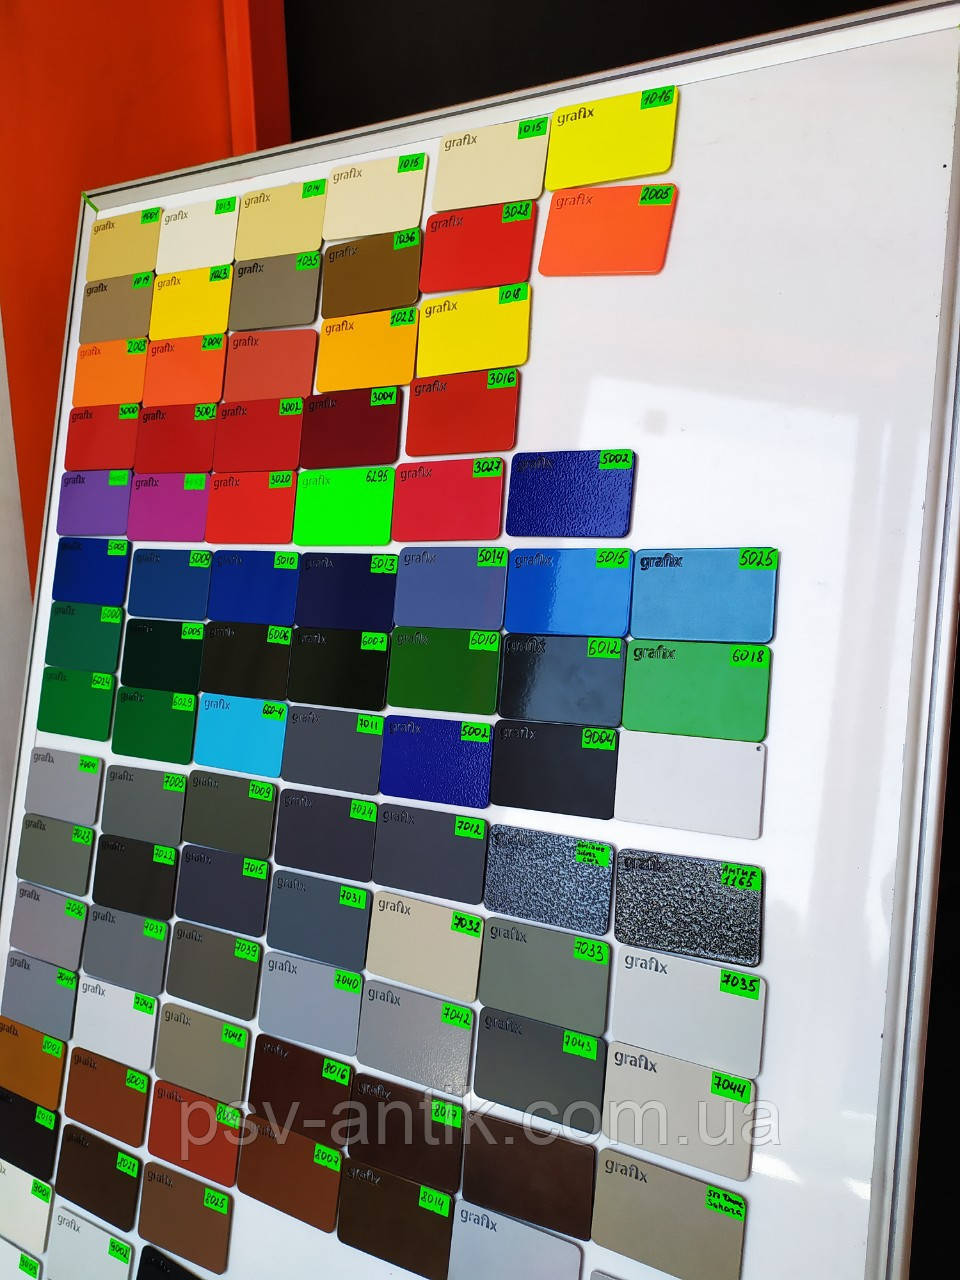 Порошковая краска шагрень, полиэфирная, индустриальная, 5017